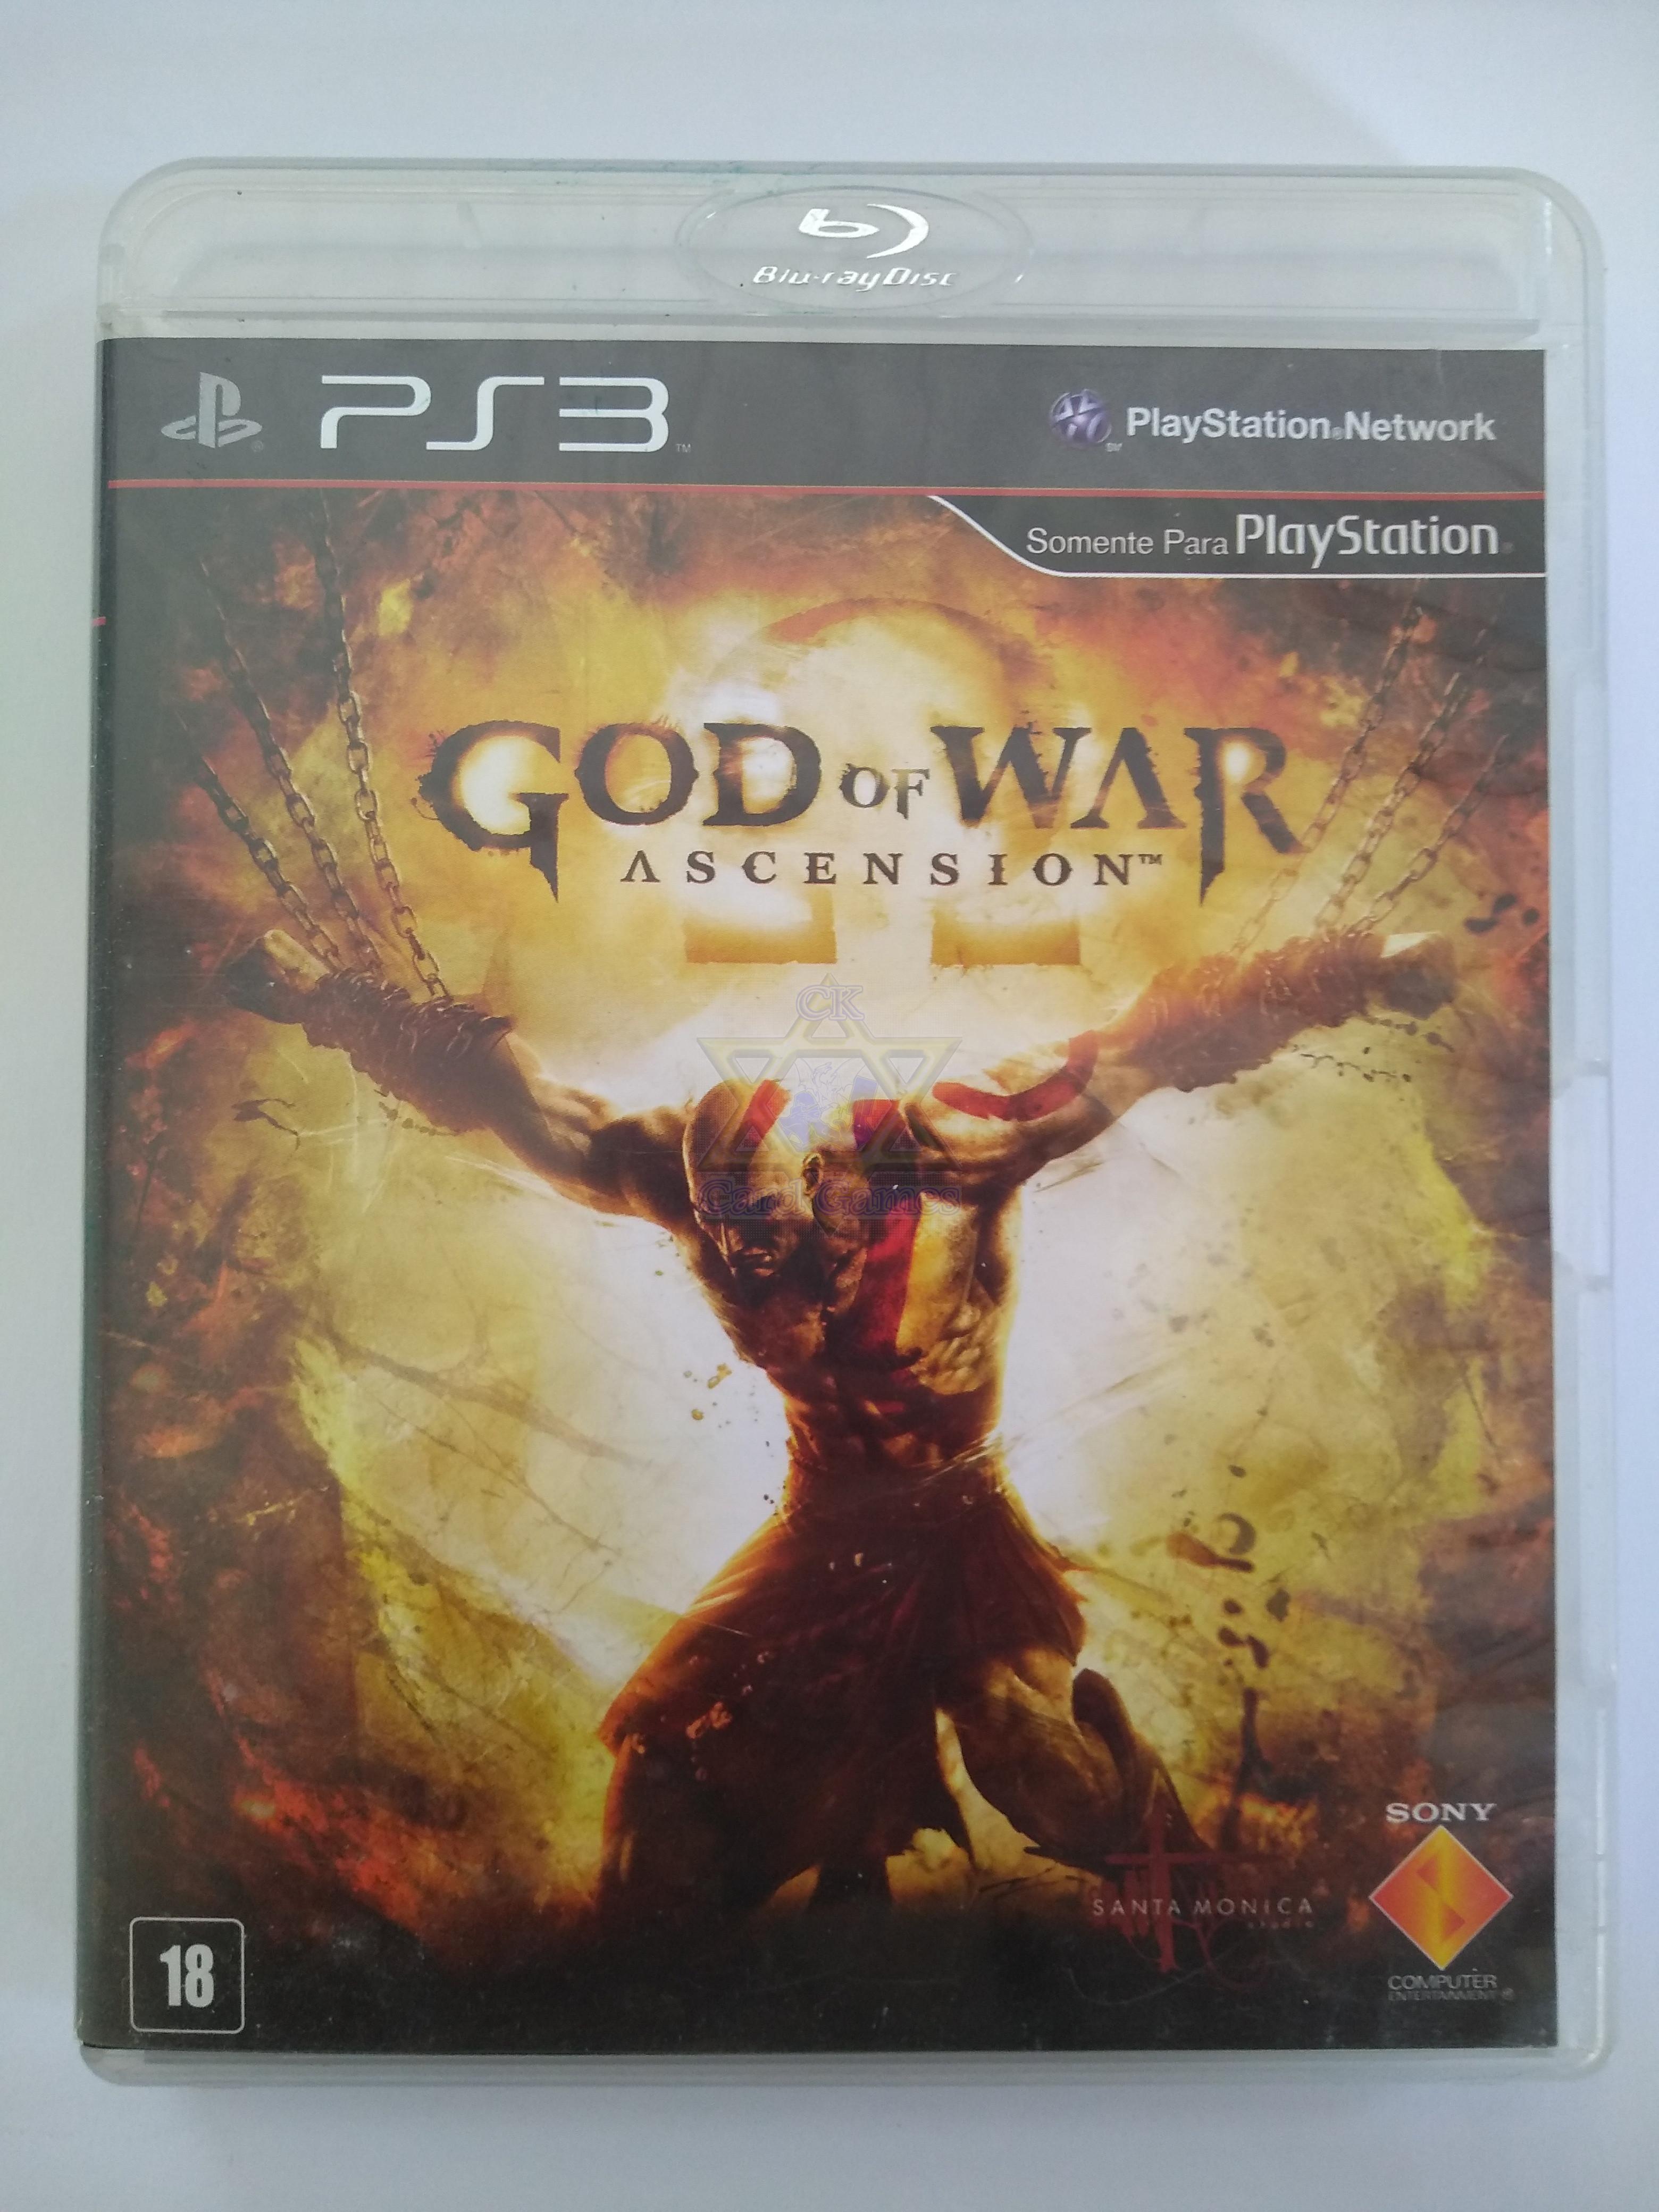 God of War: Ascension - Jogo - PS3 (Seminovo)